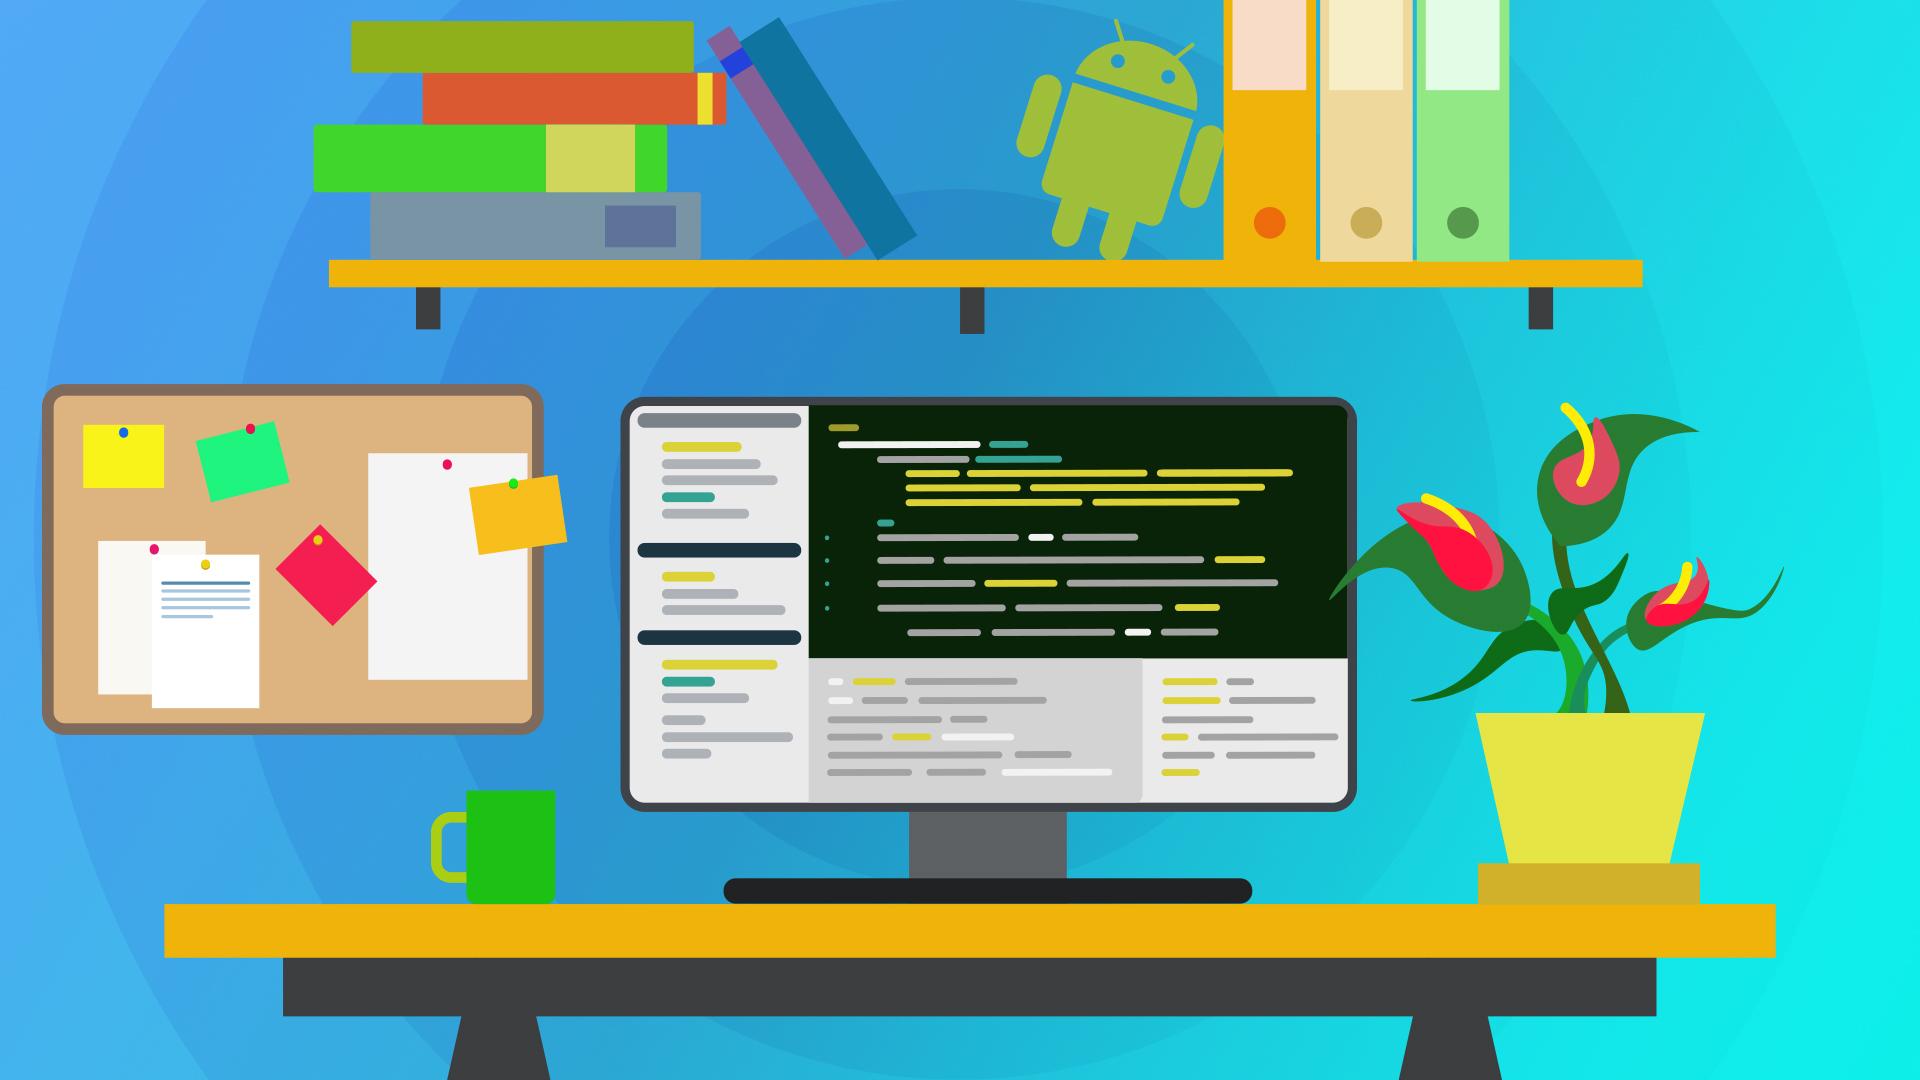 Вебинар Что должен знать Junior Android разработчик, чтобы устроиться на работу фото